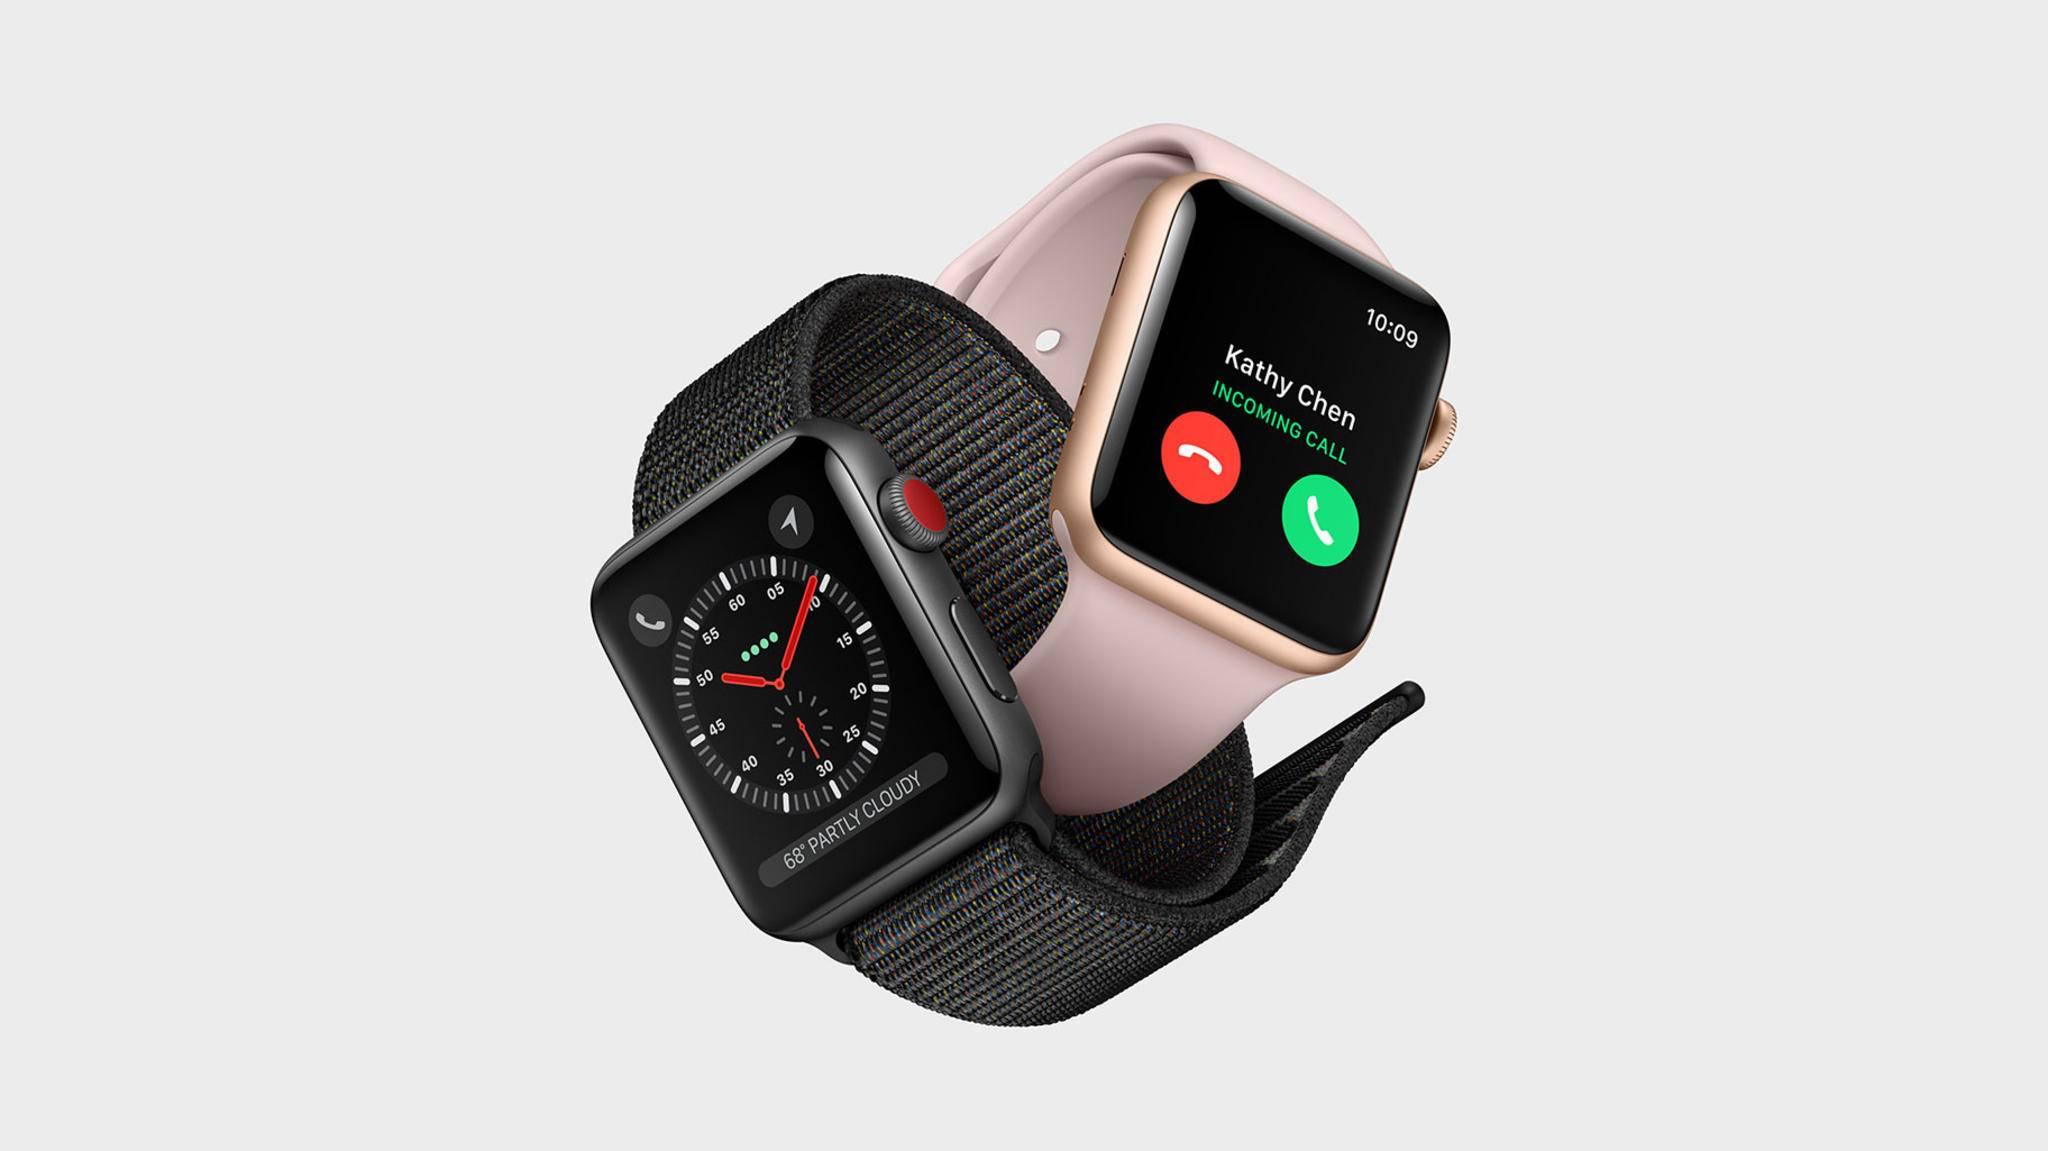 Die Apple Watch ist nicht die einzig gute Smartwatch für iPhone-Besitzer.